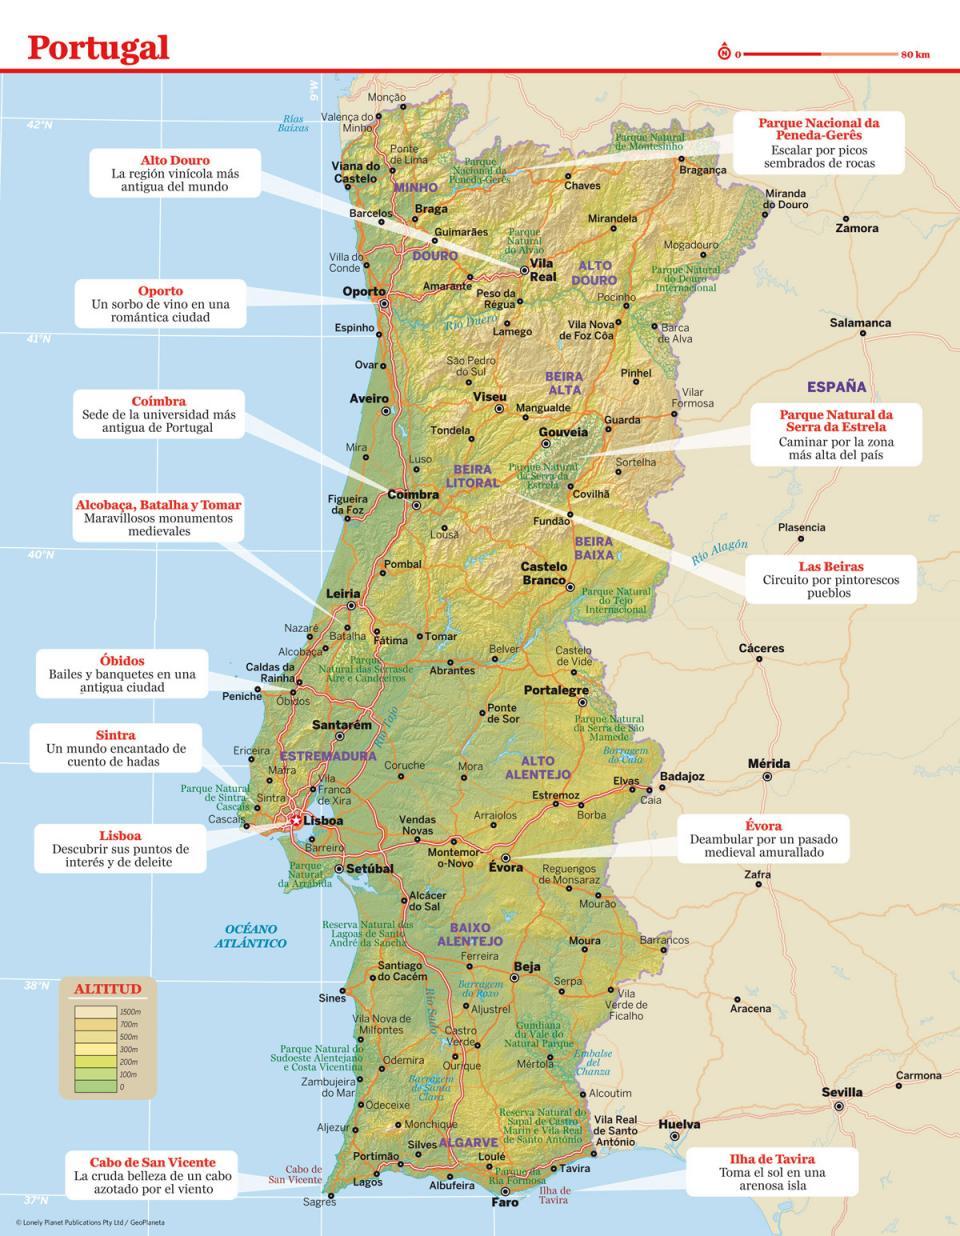 Mapa de Portugal para preparar tu viaje a Portugal de la forma más sencilla.